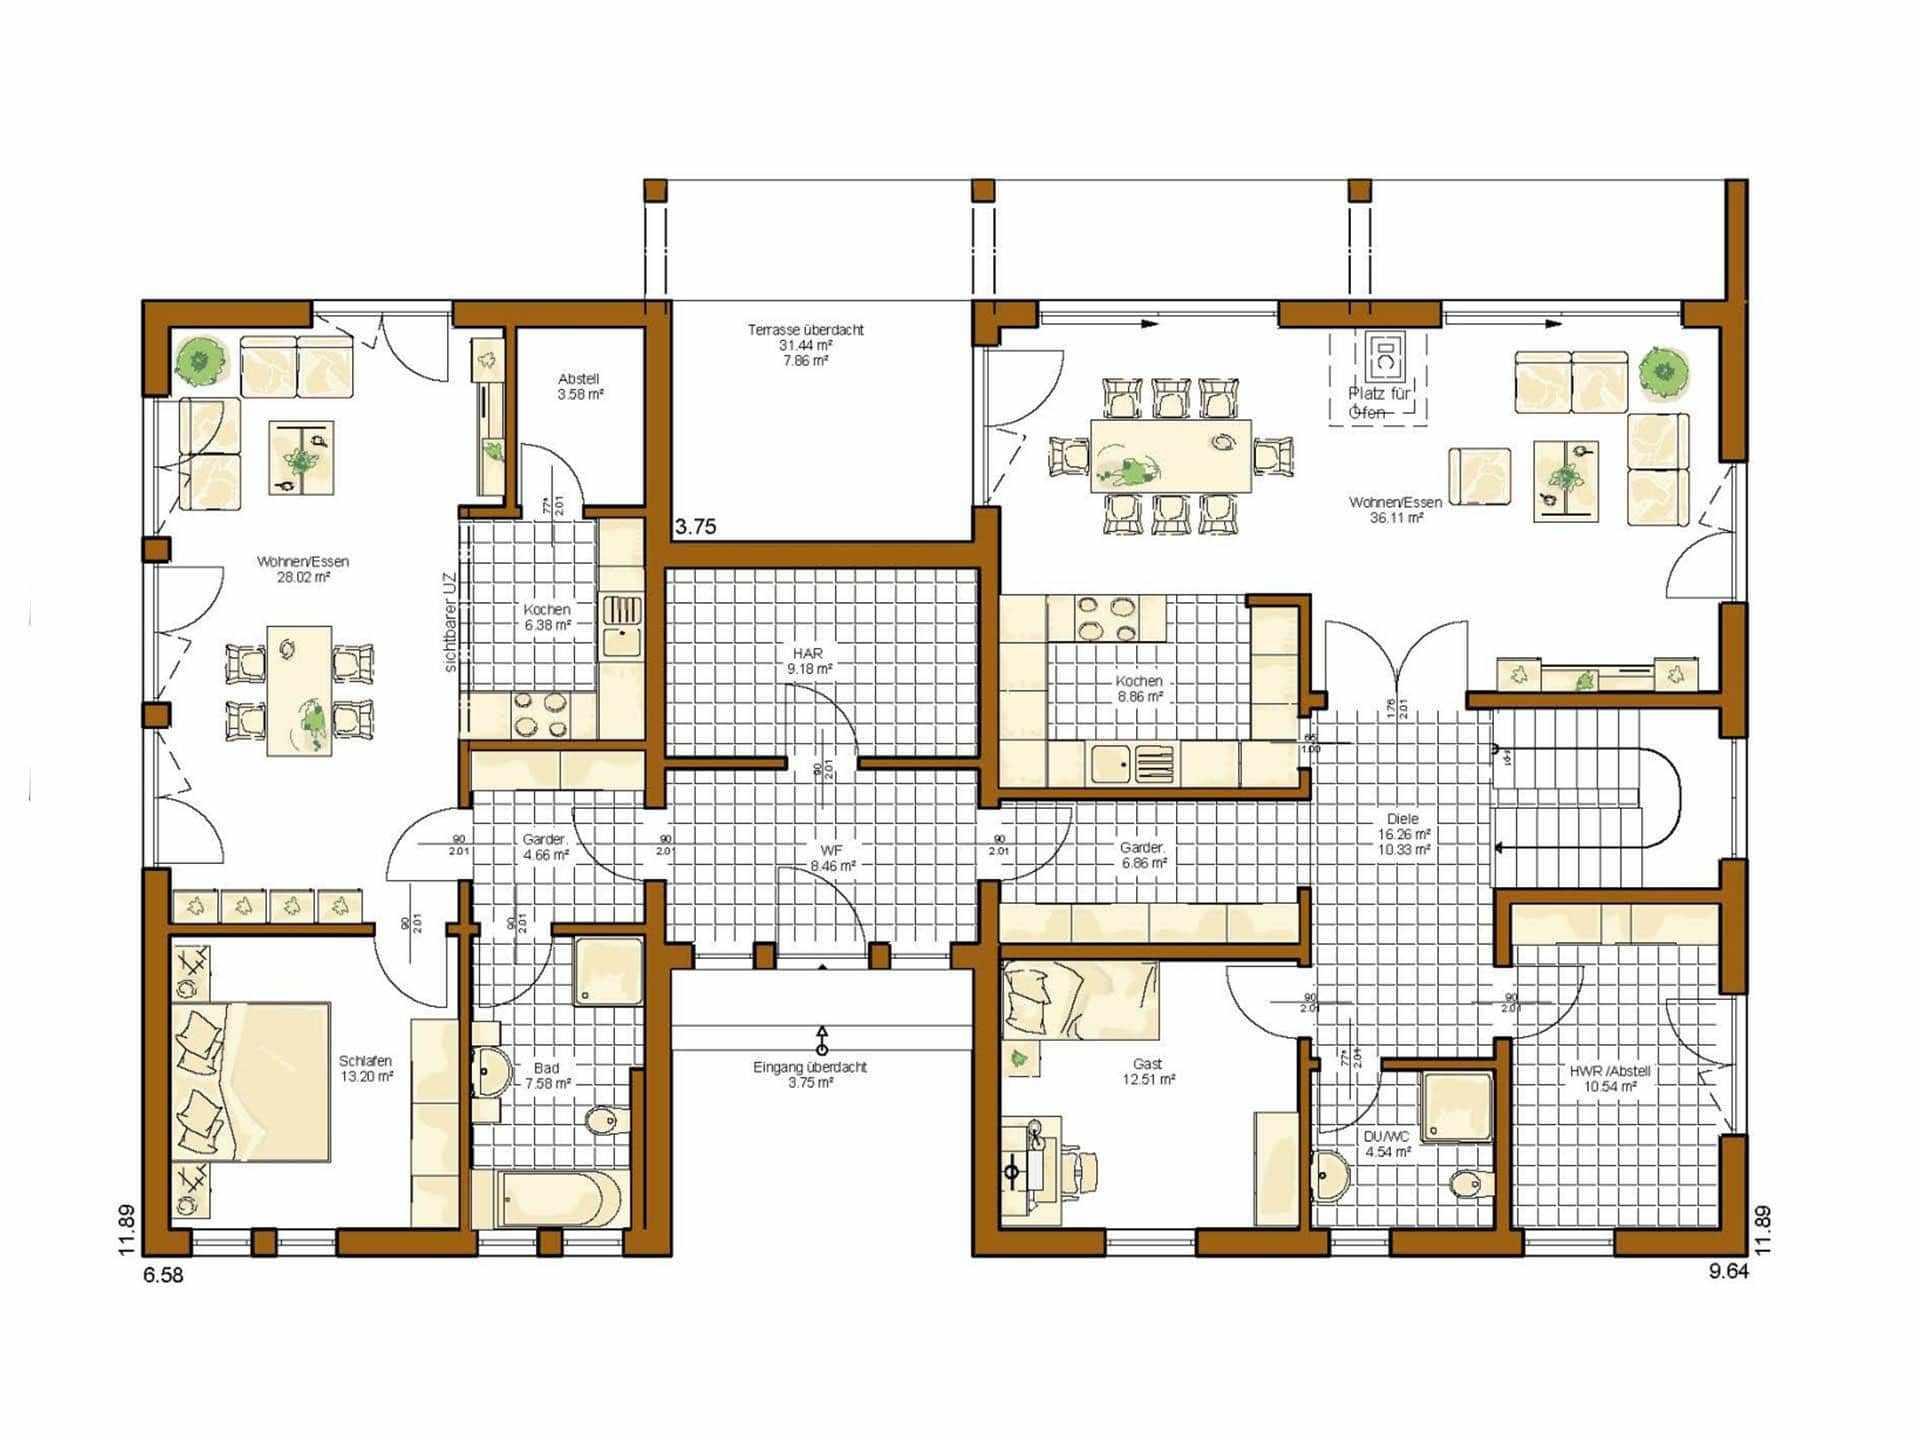 Treppenhaus Mit Aufzug Grundriss Wohn Design